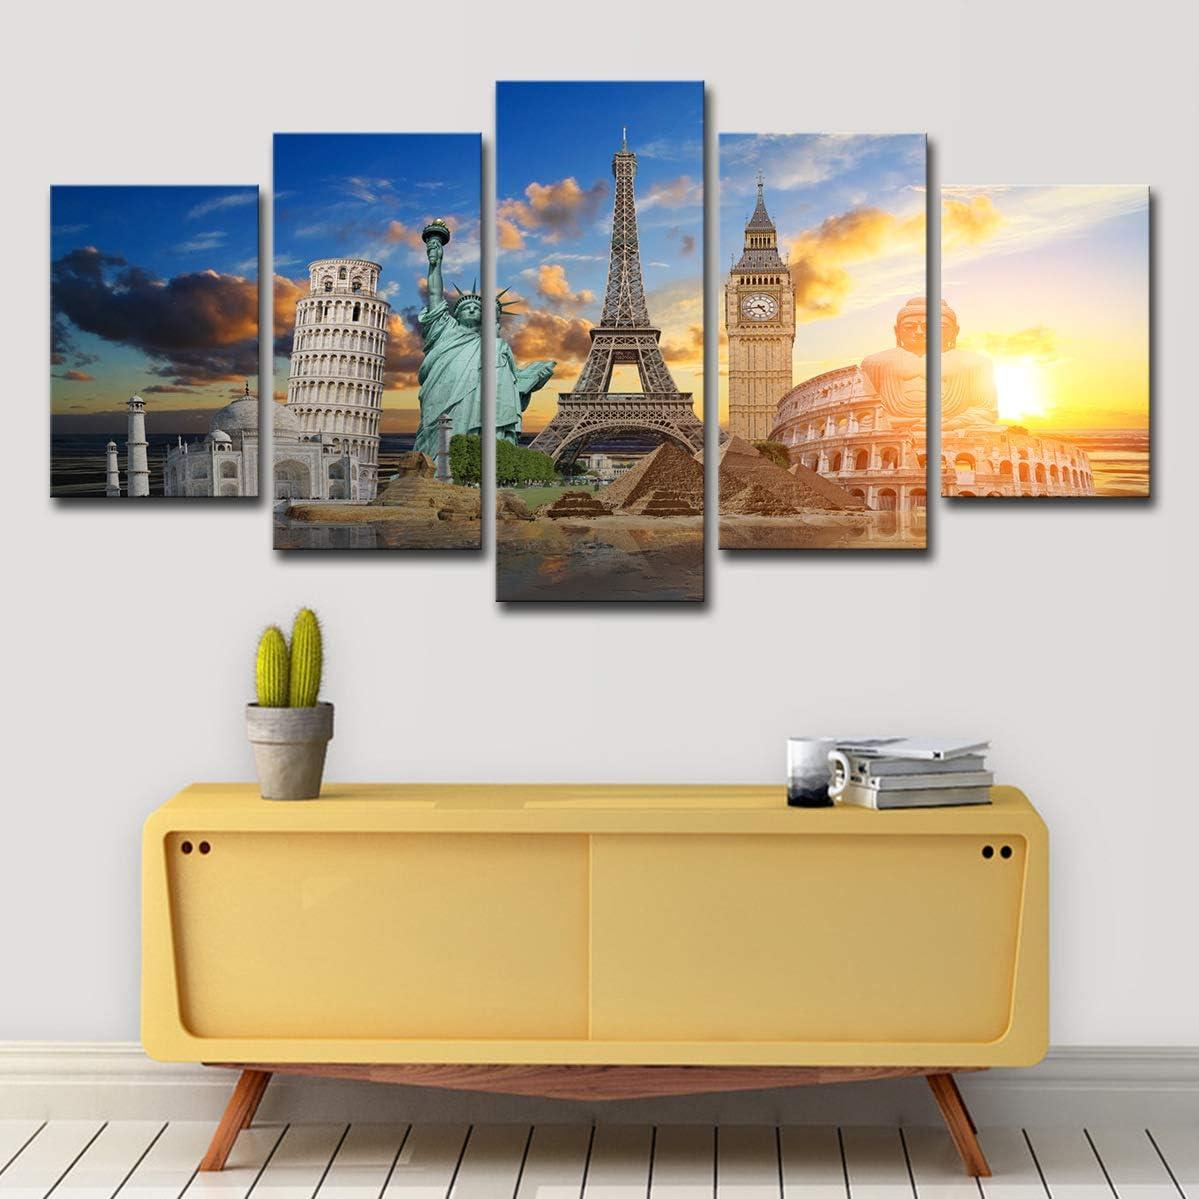 HD-Druckplakat 5 Denkm/äler wie die Eiffelturm-Statue und andere ber/ühmte Sehensw/ürdigkeiten Leinwand Wandbild Printed Bild Wand Kunst Hause B/üro,A,S20/×50cm// 8/×20in